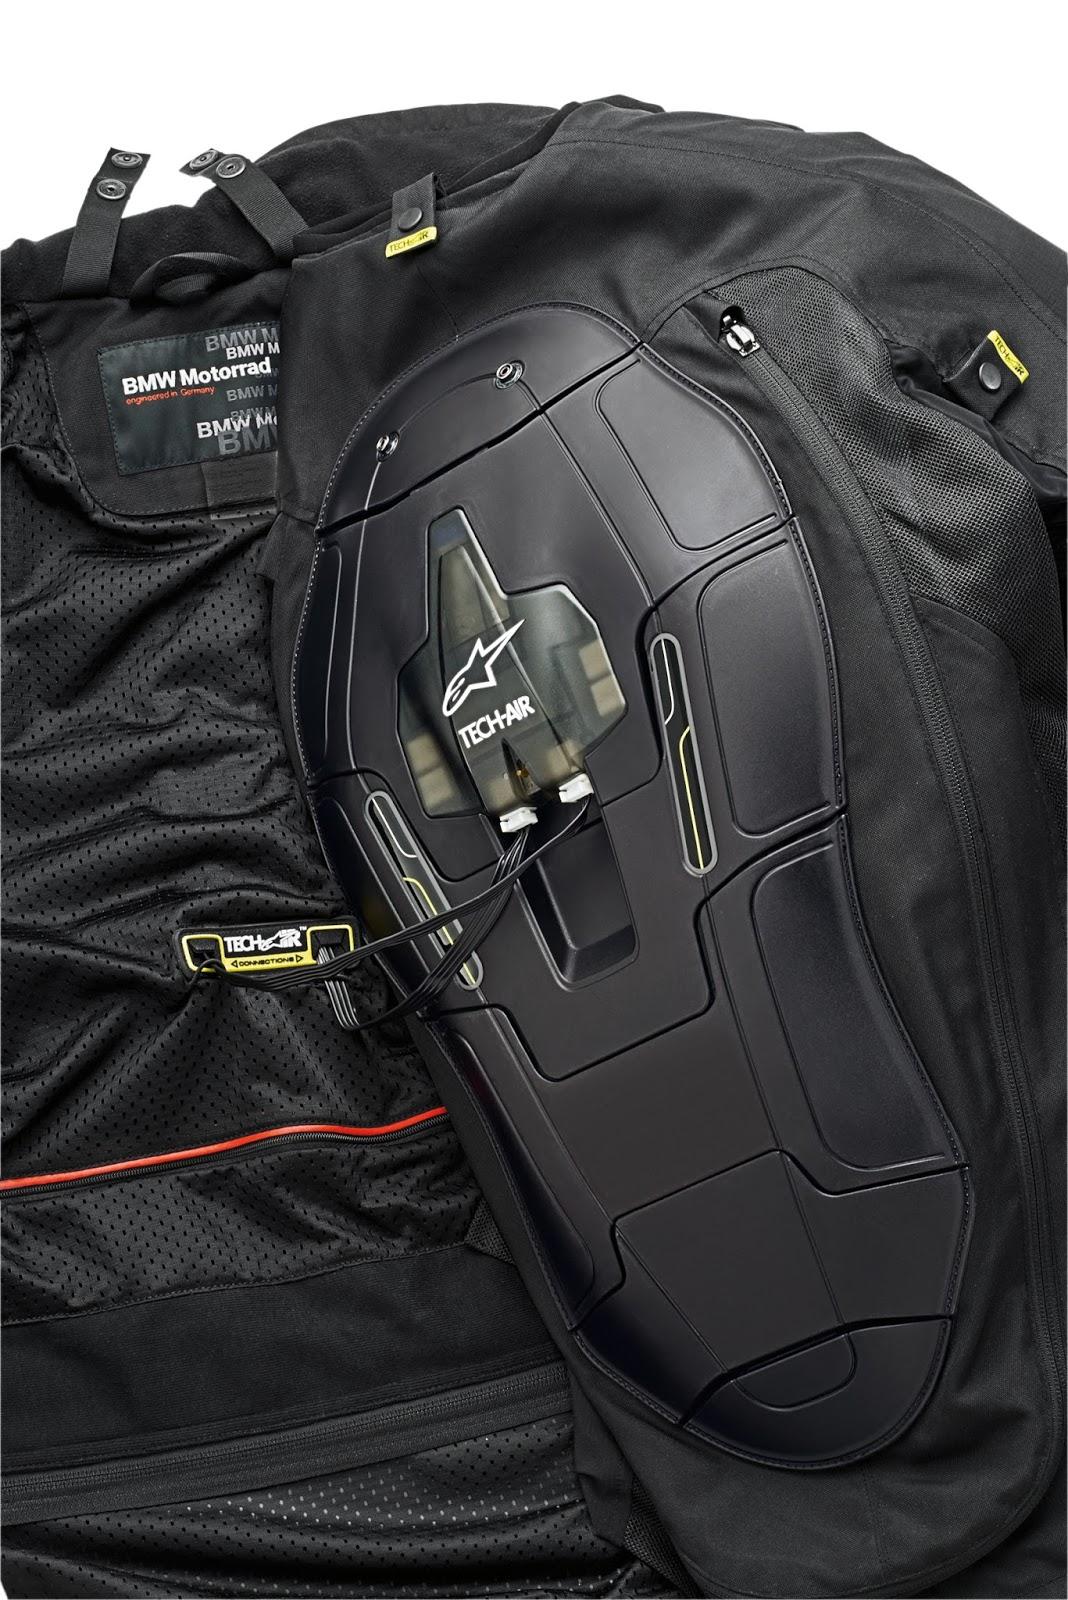 P90202819 highRes bmw motorrad rider e Δες το σύστημα αερόσακου για μοτοσικλετιστές της BMW Motorrad